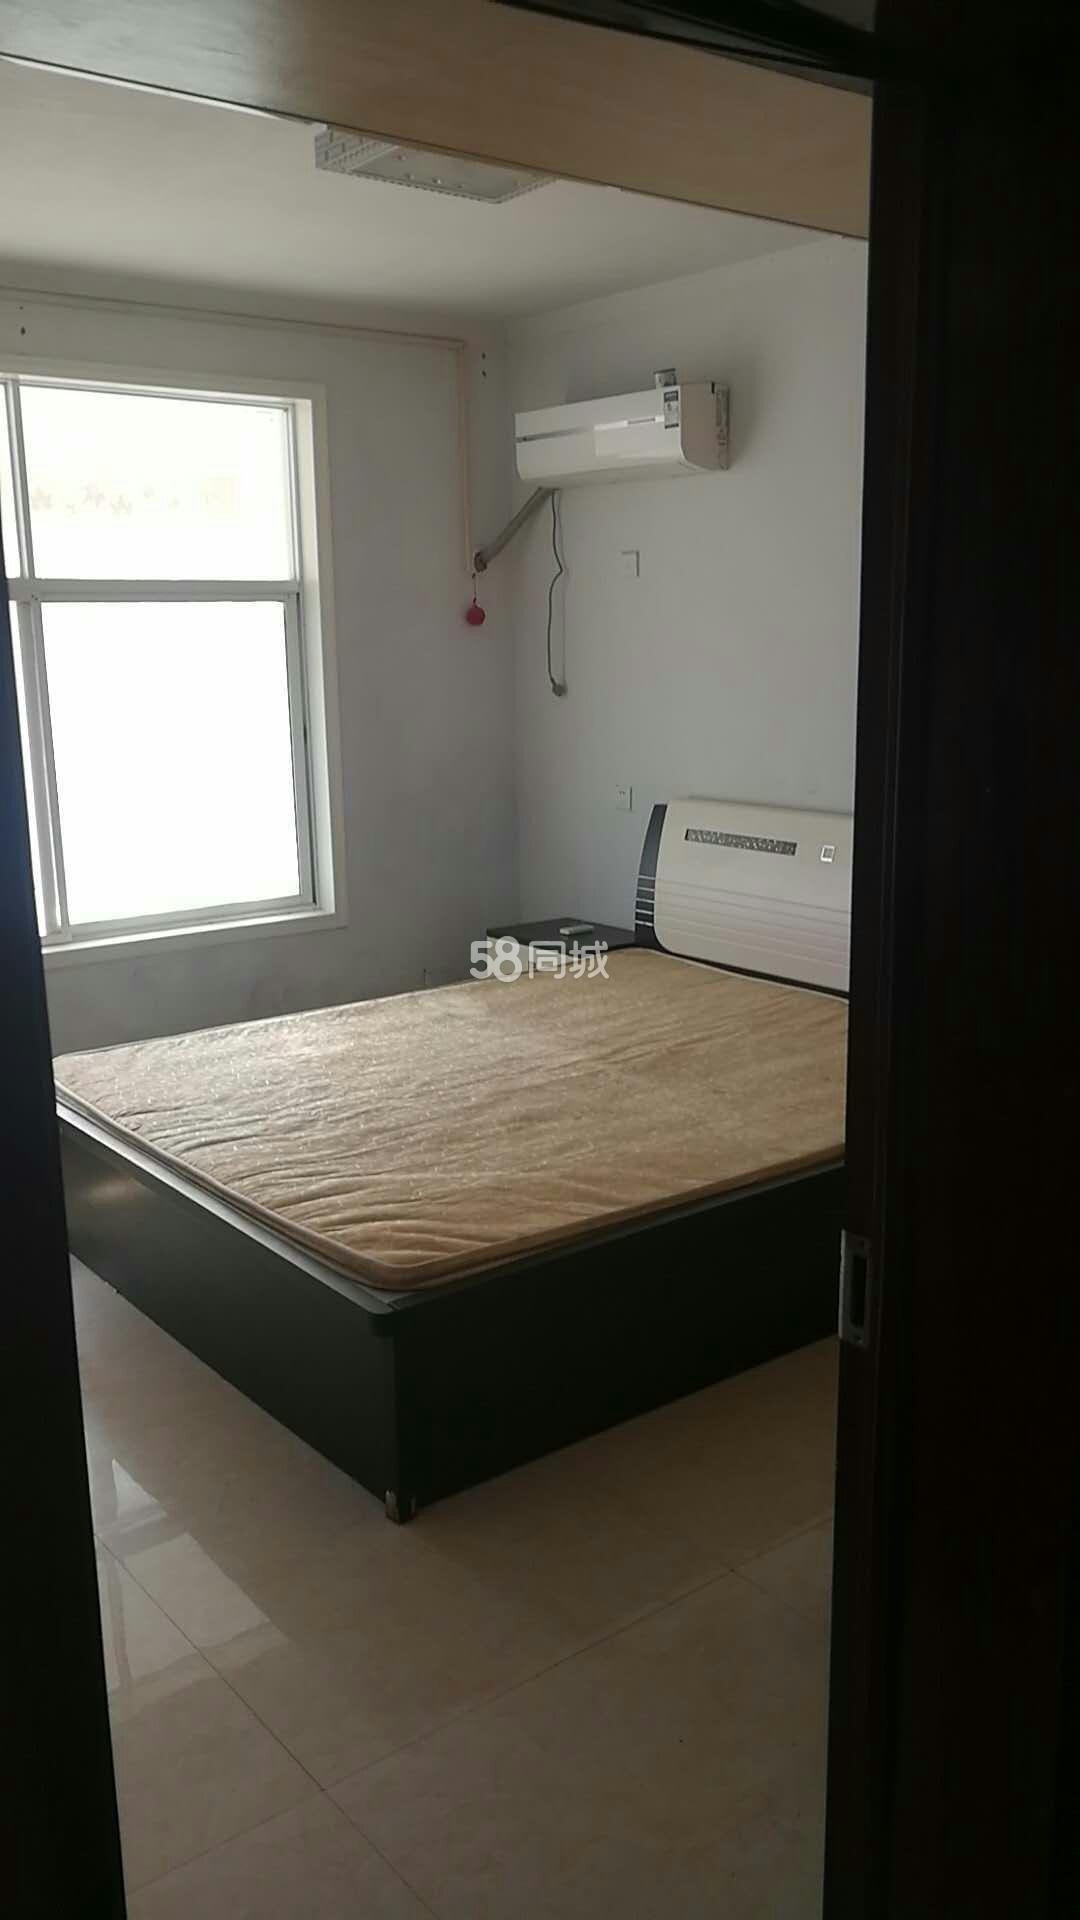 名门尚居附近3室2厅1卫